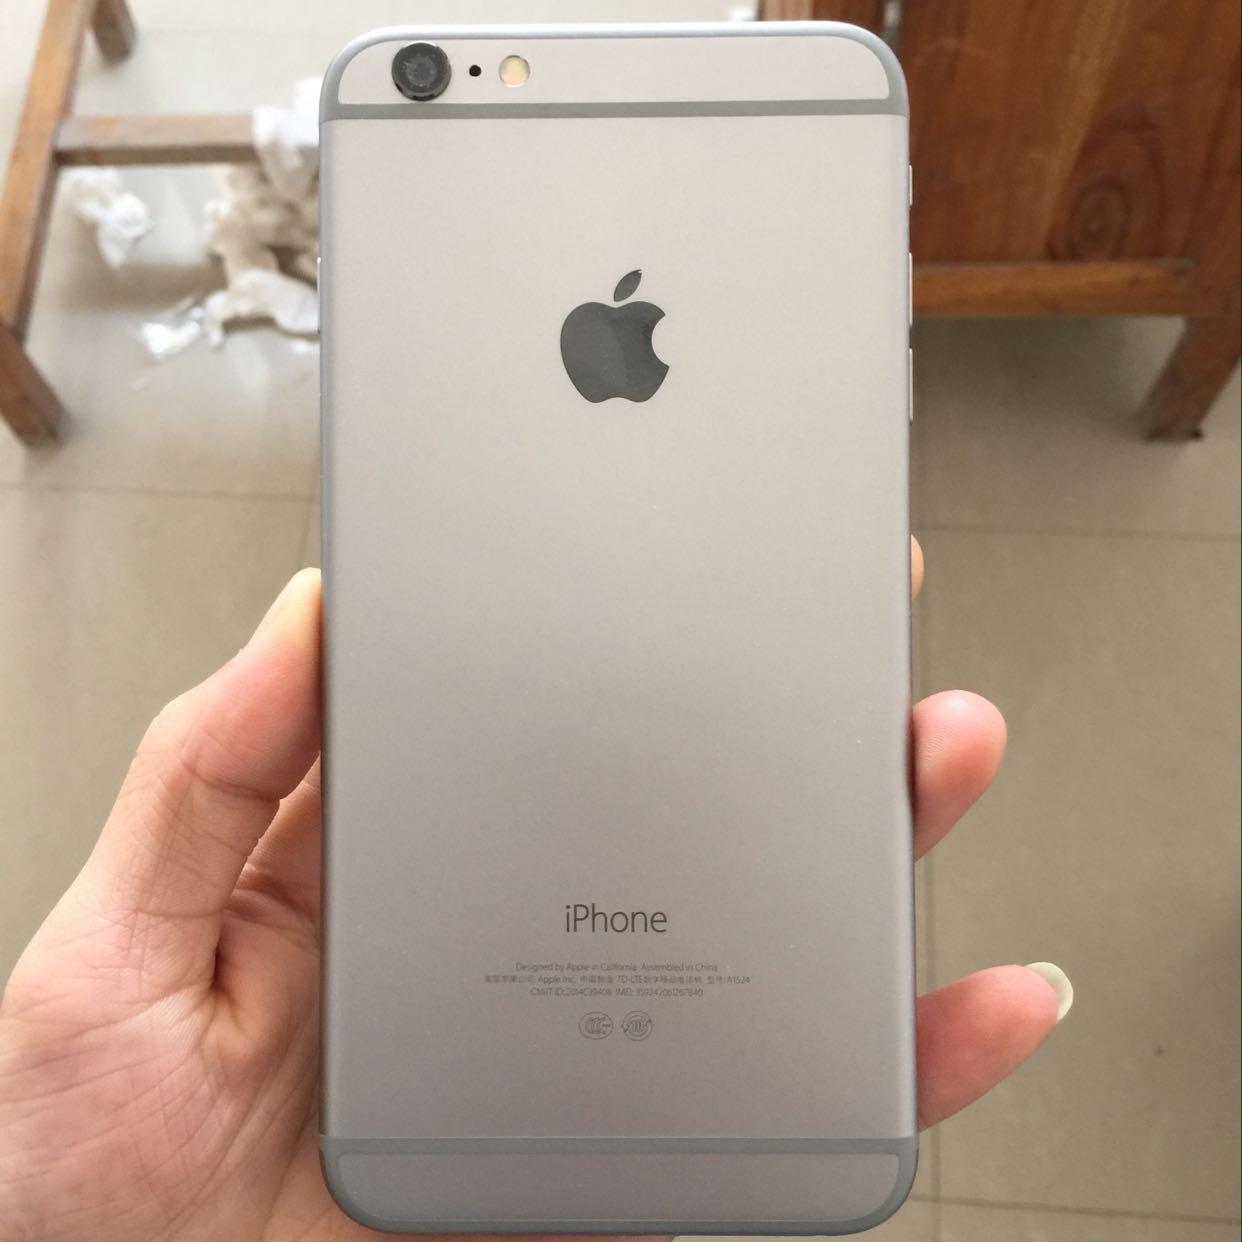 二手苹果6plus出售转让_钦州二手手机-苏宁易购二手